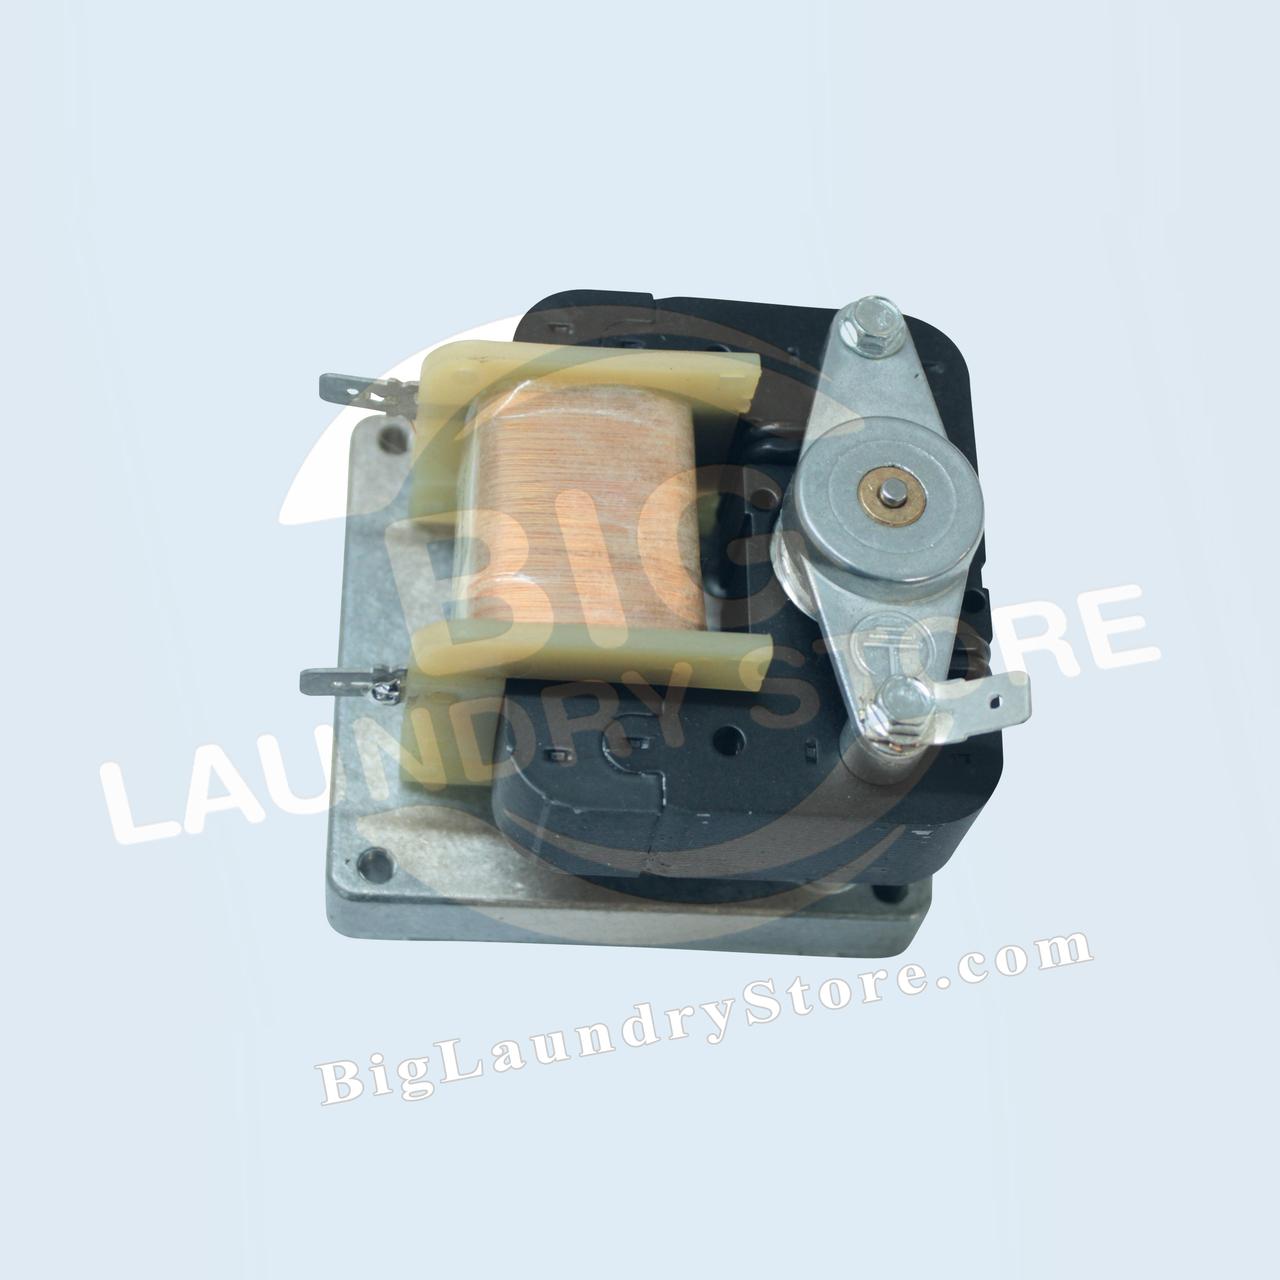 Motor & Gear -  220V - Huebsch, Speed Queen or Unimac # F380933